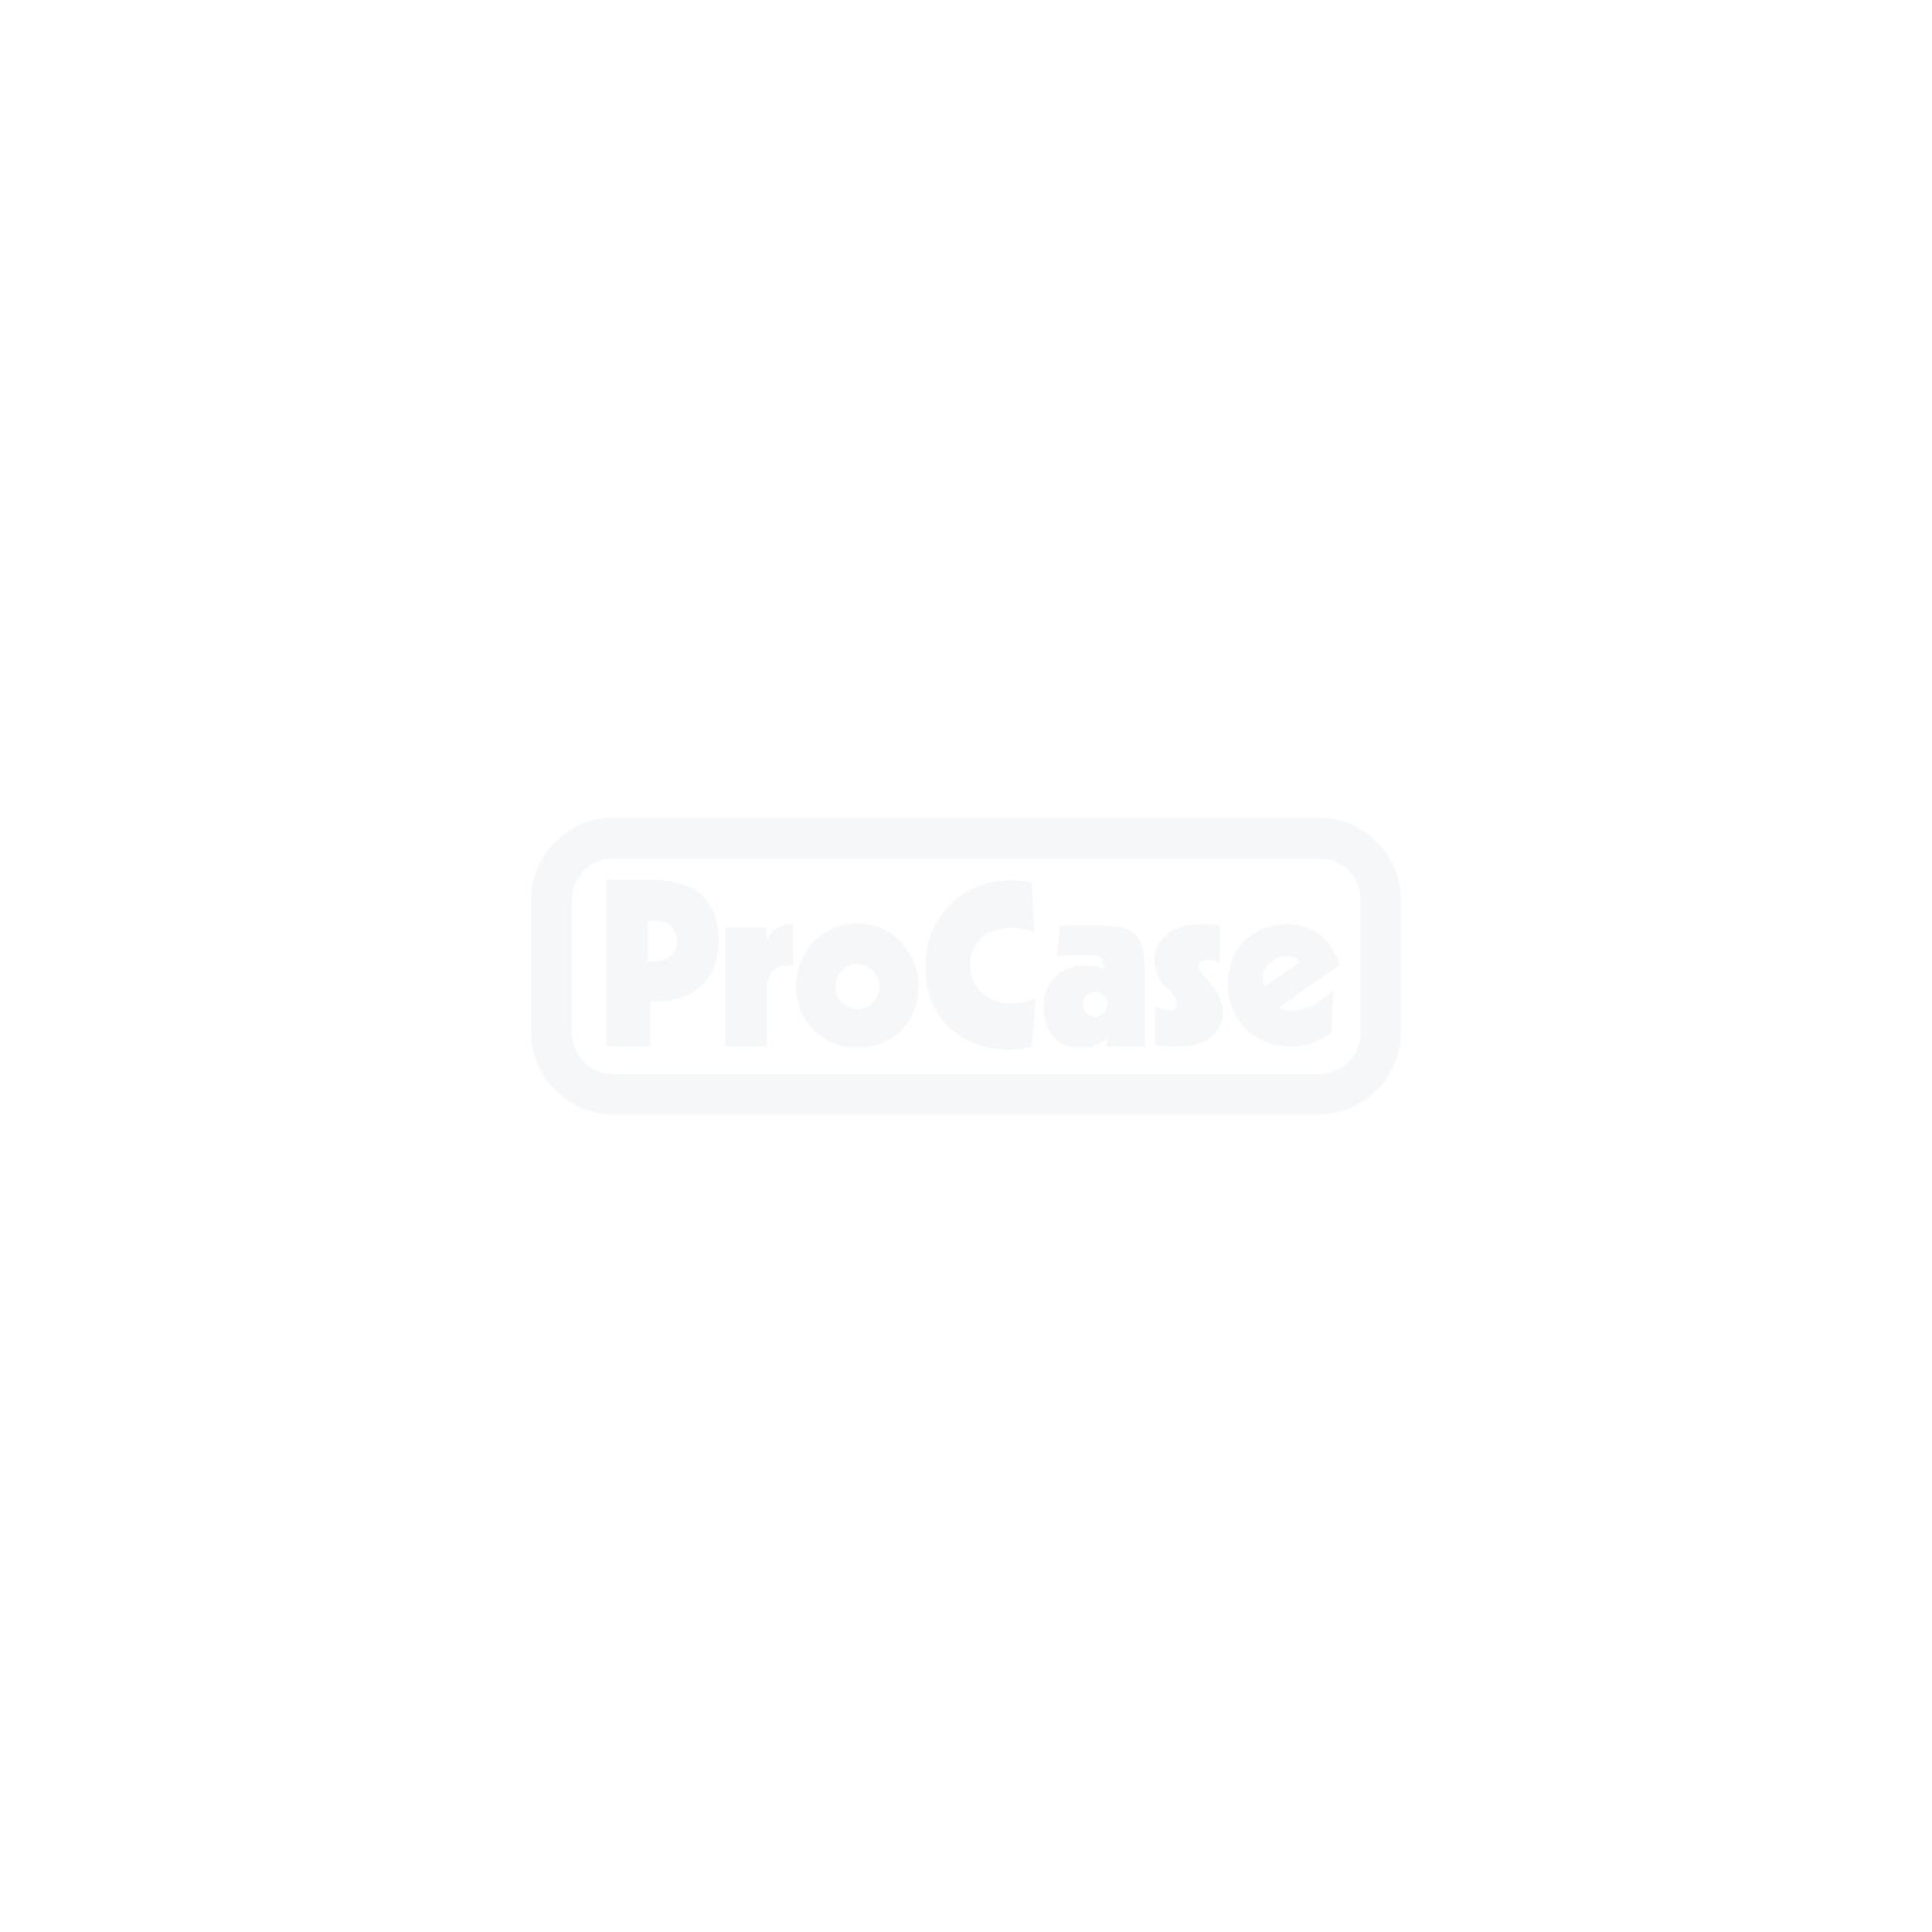 QSD-Rack 8HE 600 mm tief